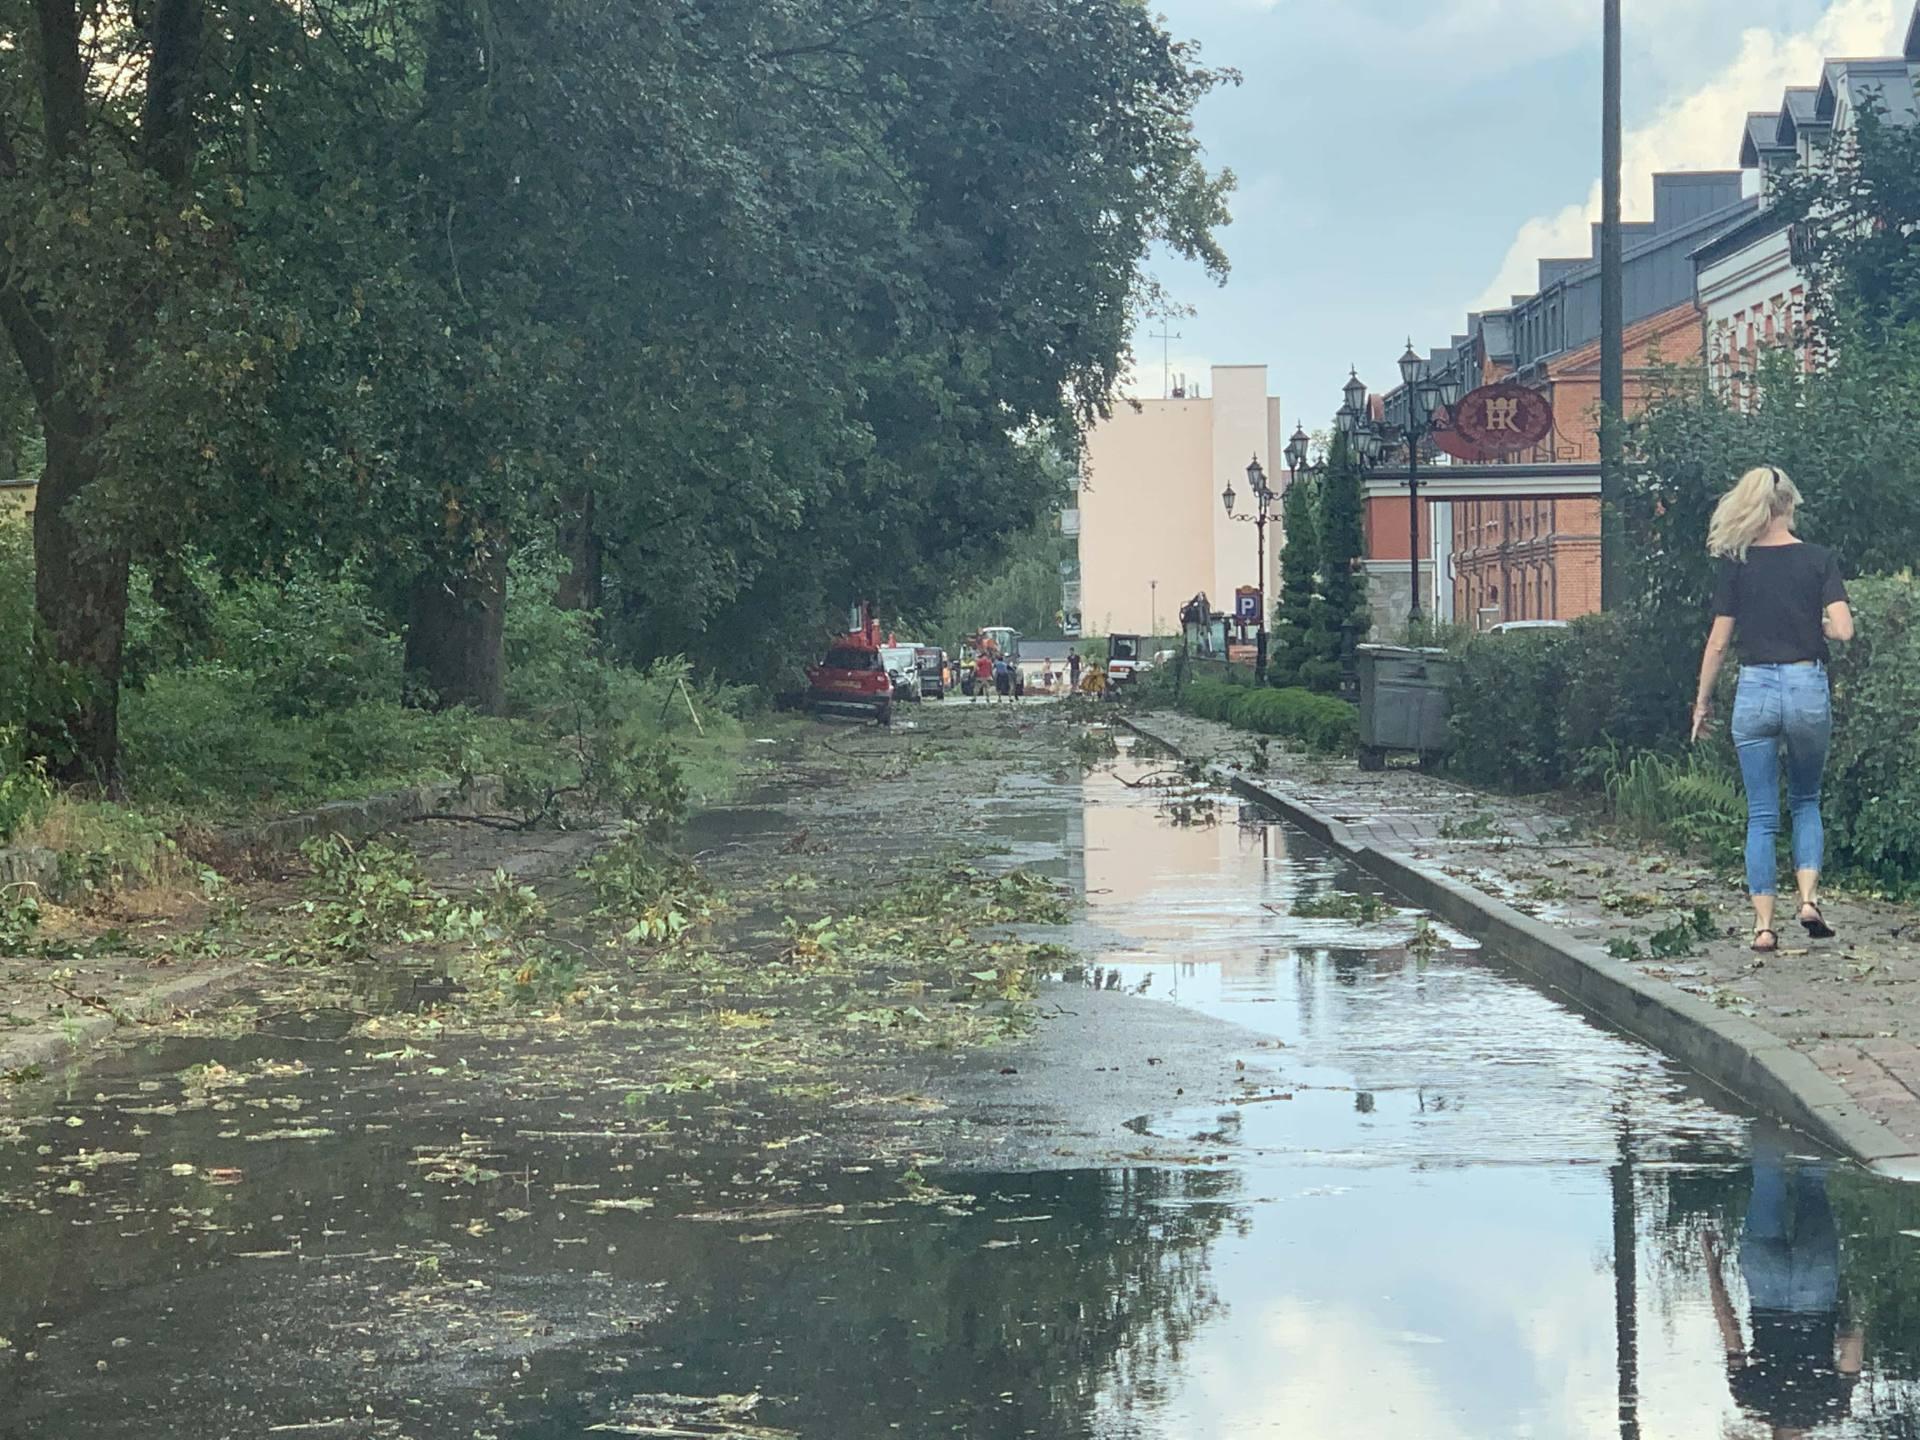 img 0960 Zerwane dachy, połamane drzewa, uszkodzone samochody. Straty po burzy, która przeszła nad Zamojszczyzną